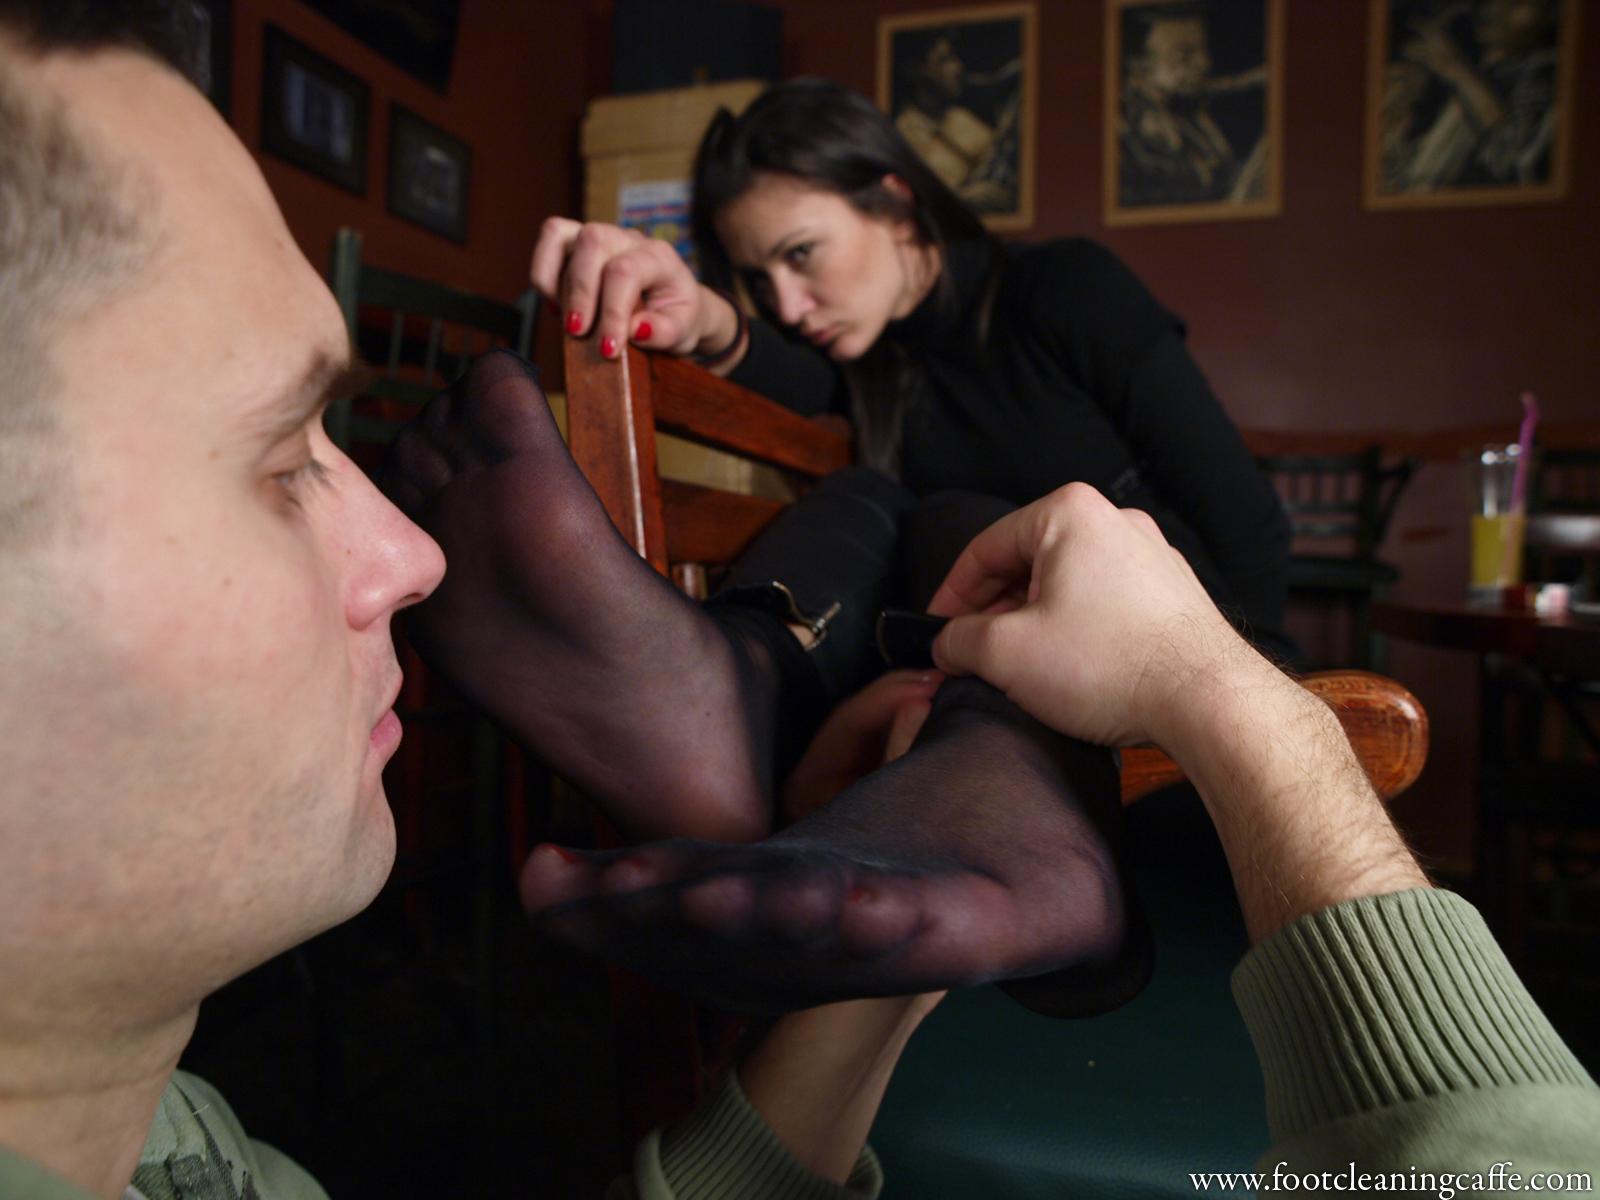 Целует жене ноги, Муж целует ноги жене, которую ебет любовник - смотрите 2 фотография